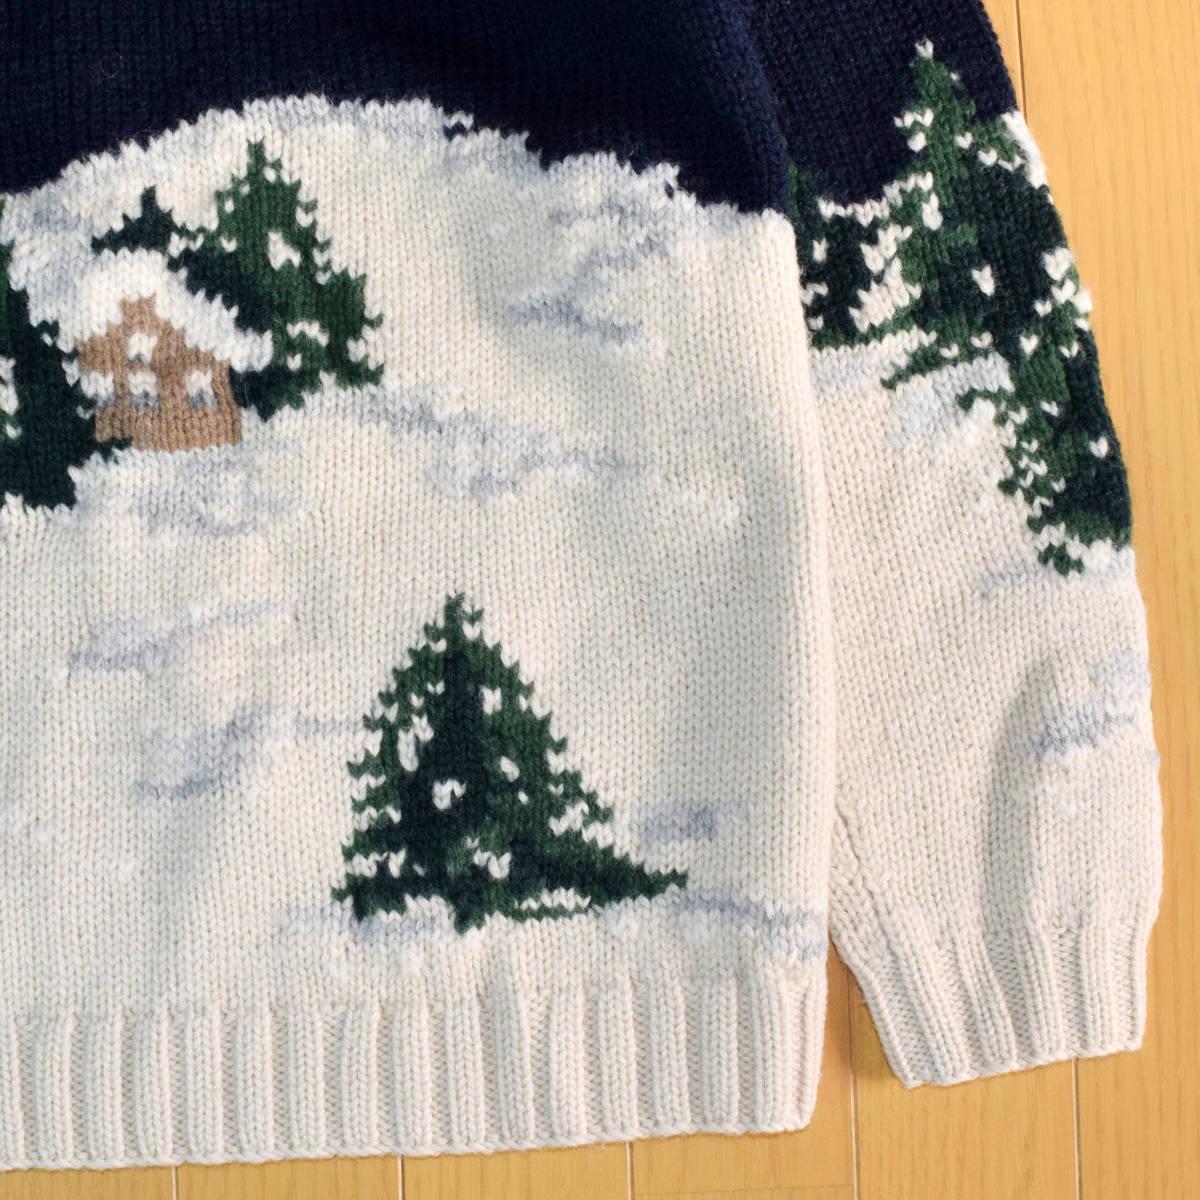 美品◆ラルフローレン ネイティブ ハンドニット 厚手 タートルネック セーター メンズS M 犬 インディアン 雪 古着 ビンテージ 80s 90s_画像8